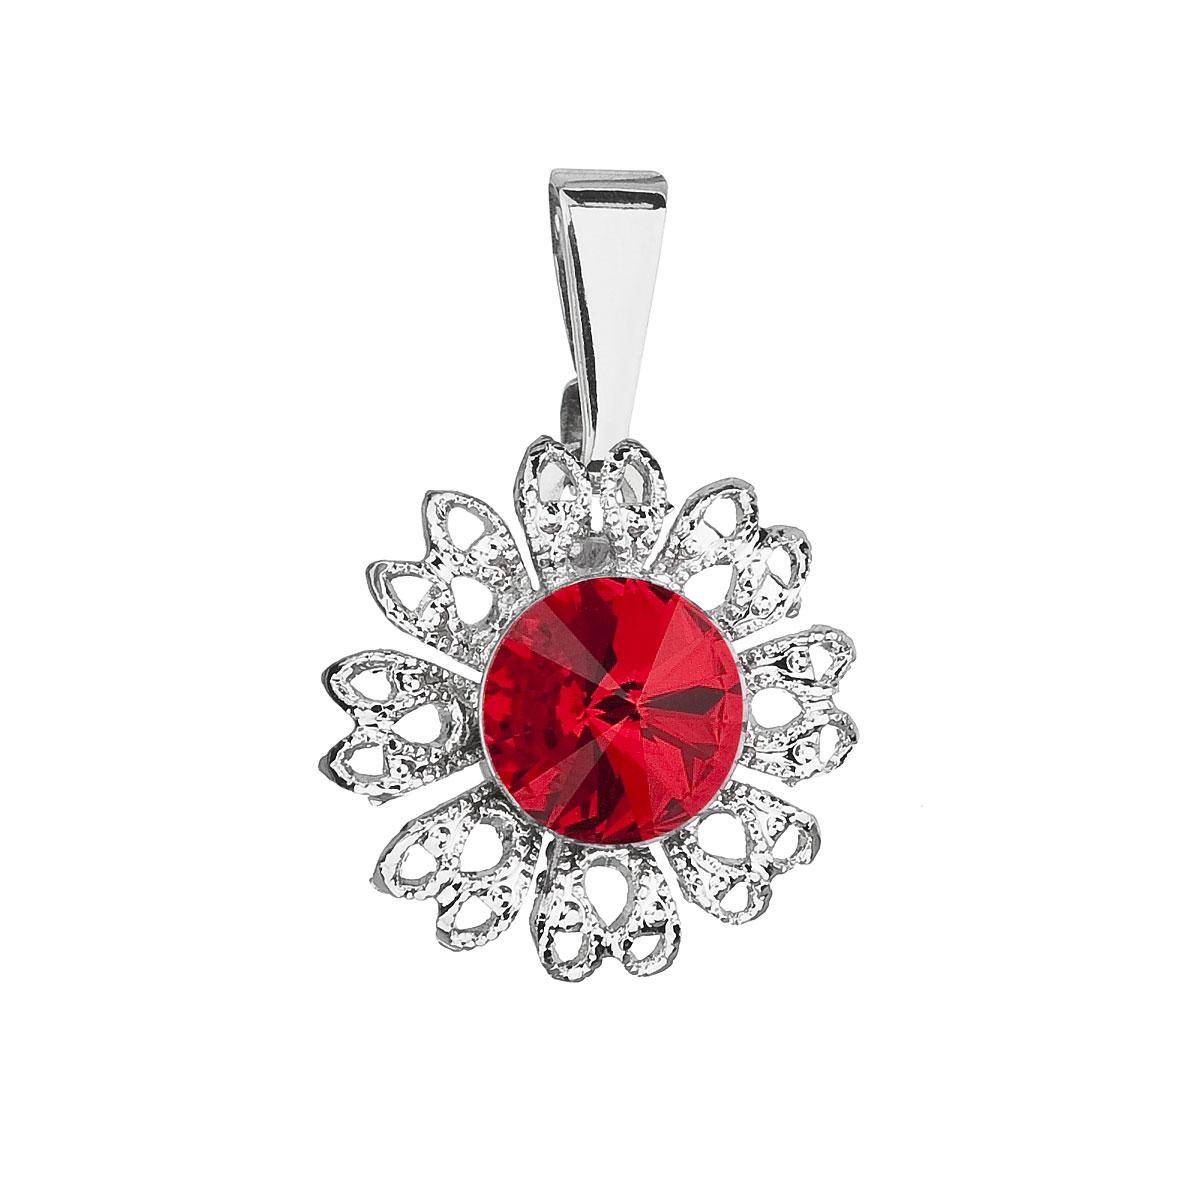 Evolution Group Přívěsek se Swarovski krystaly červená kytička 54032.3 light siam